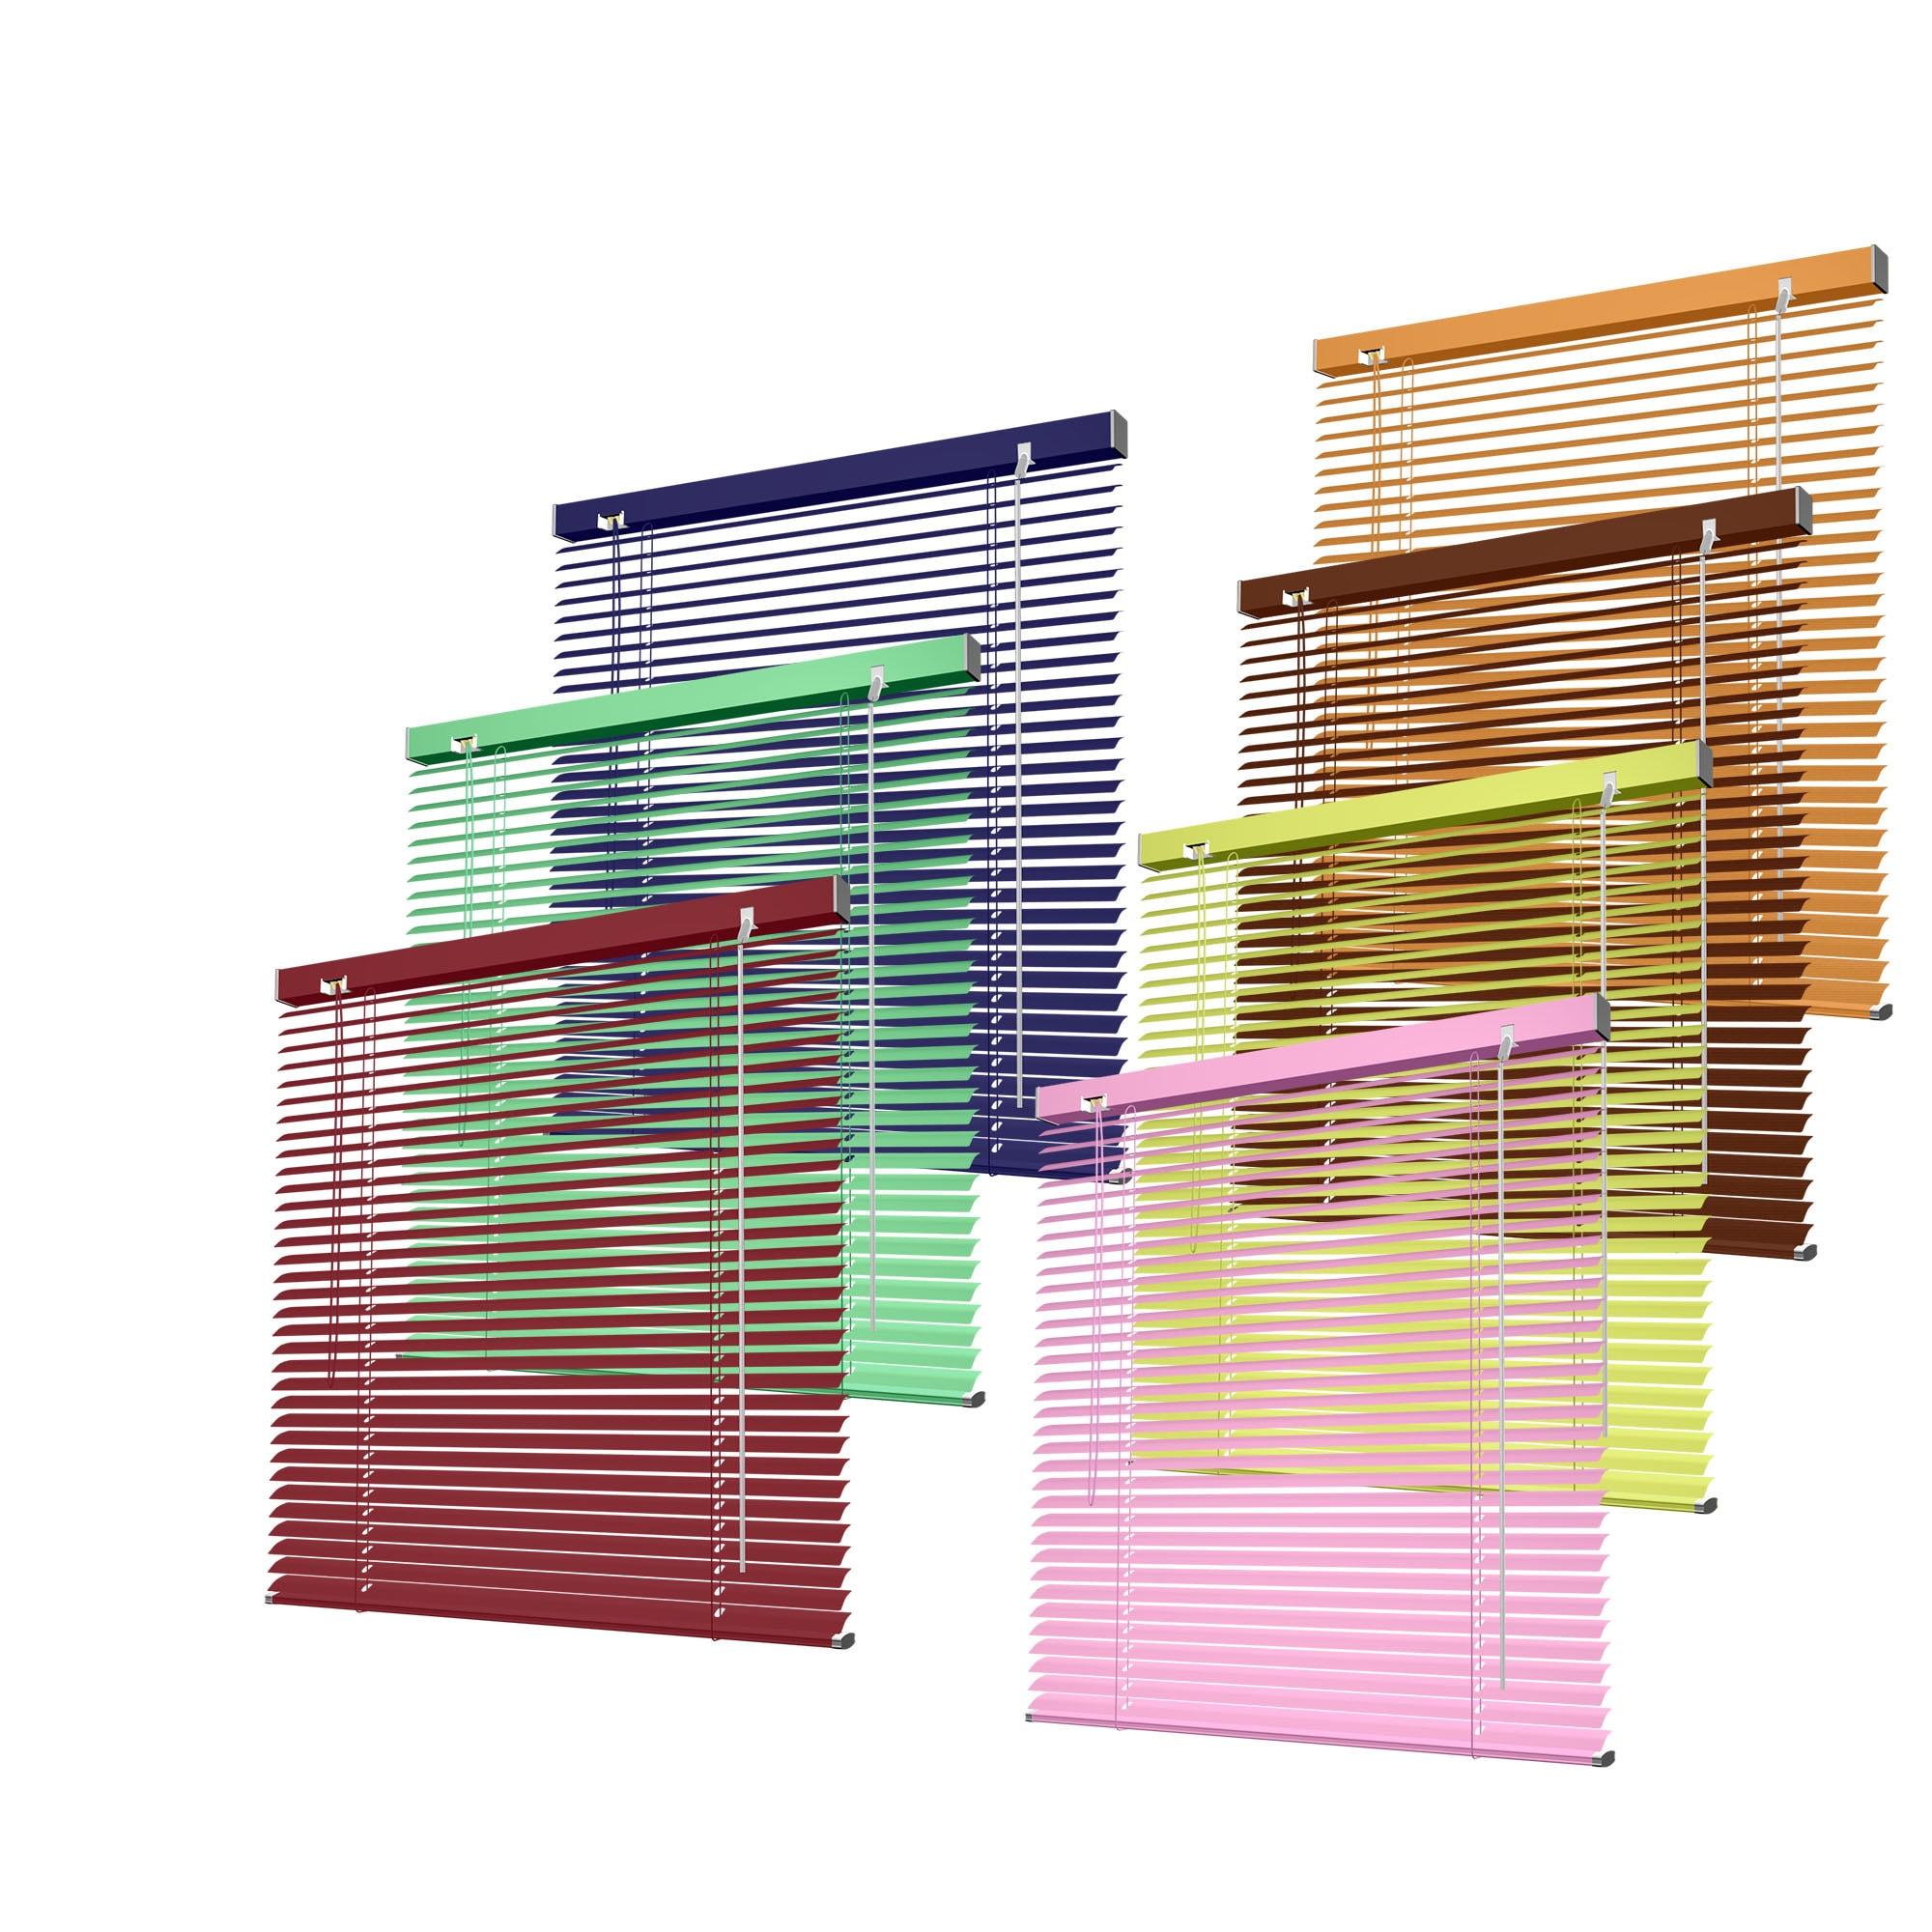 au enrollo sichtschutz balkon beschattung windschutz seitenmarkise rollo ebay. Black Bedroom Furniture Sets. Home Design Ideas